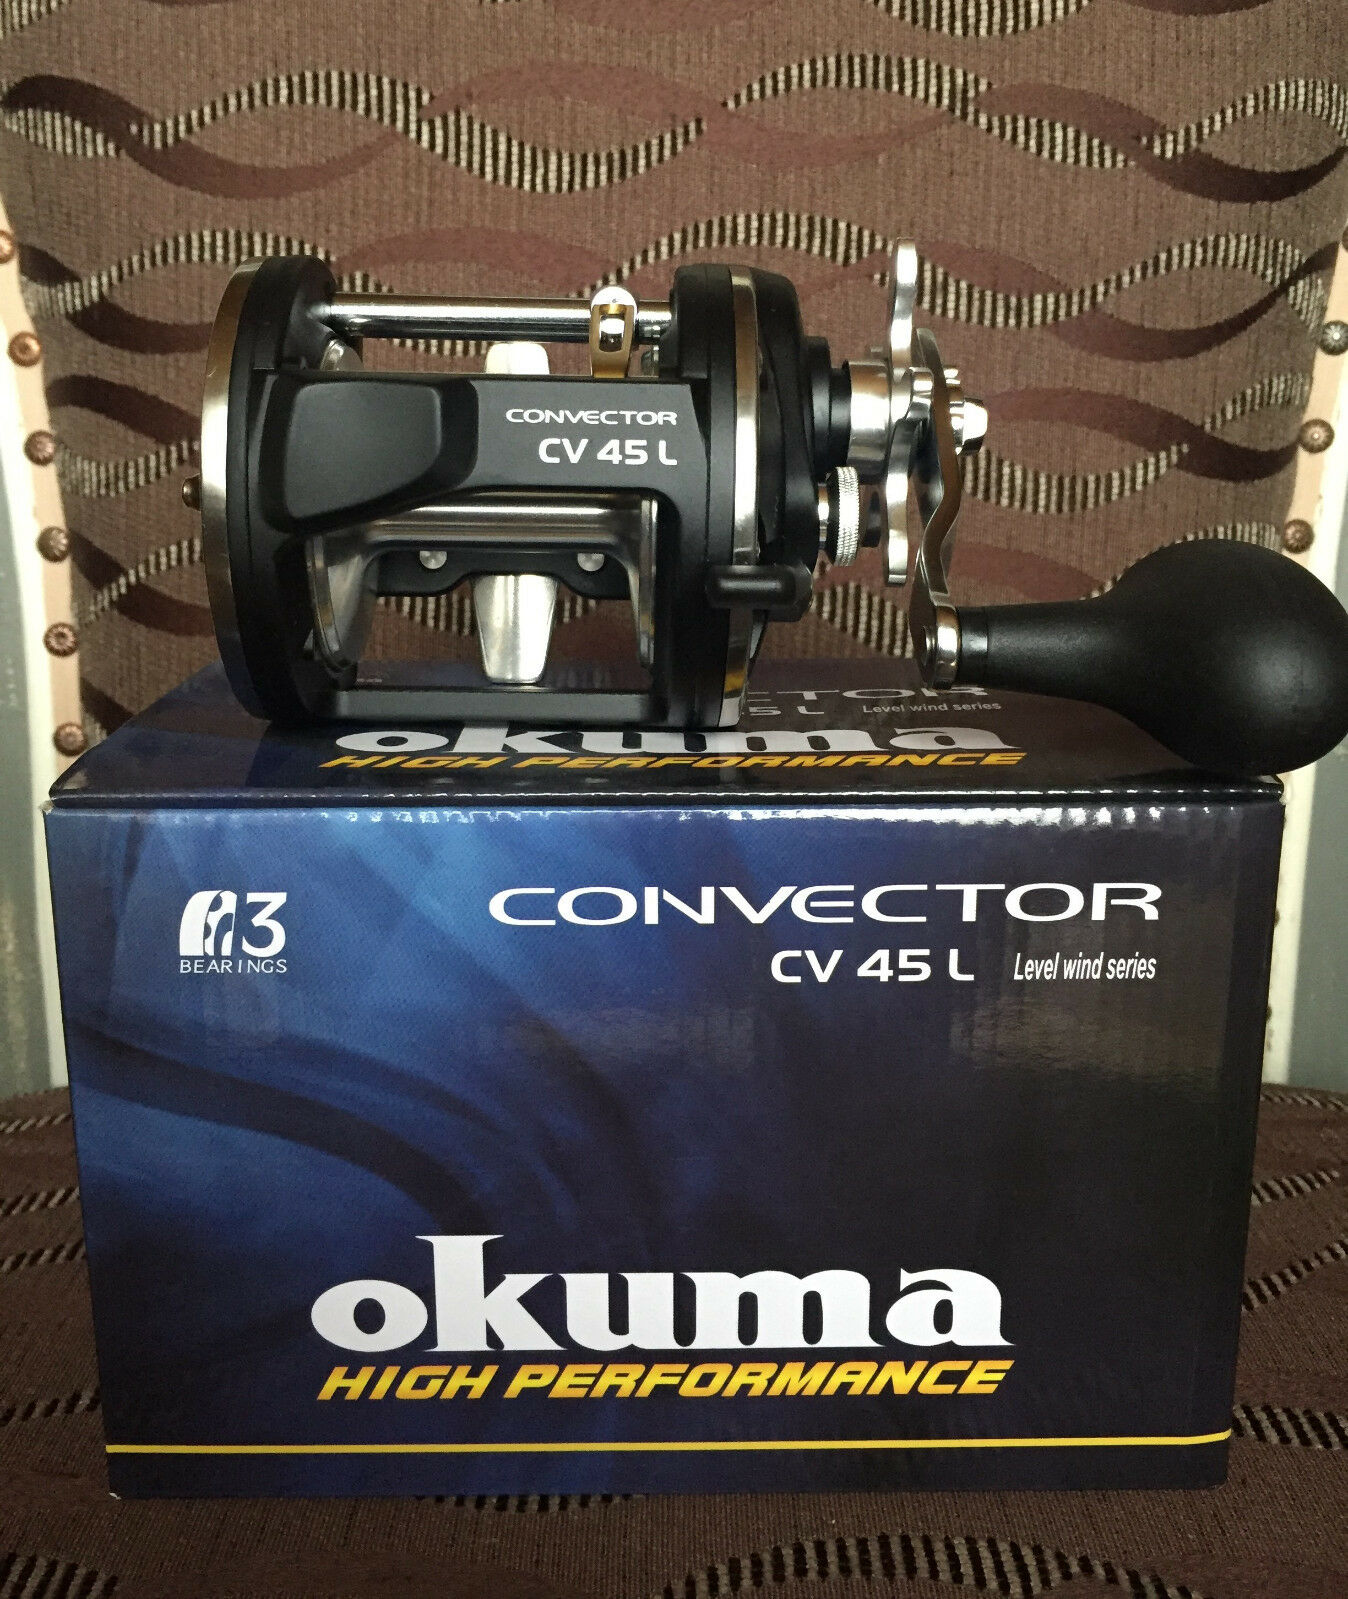 Okuma convector cv-45l Multi Rol